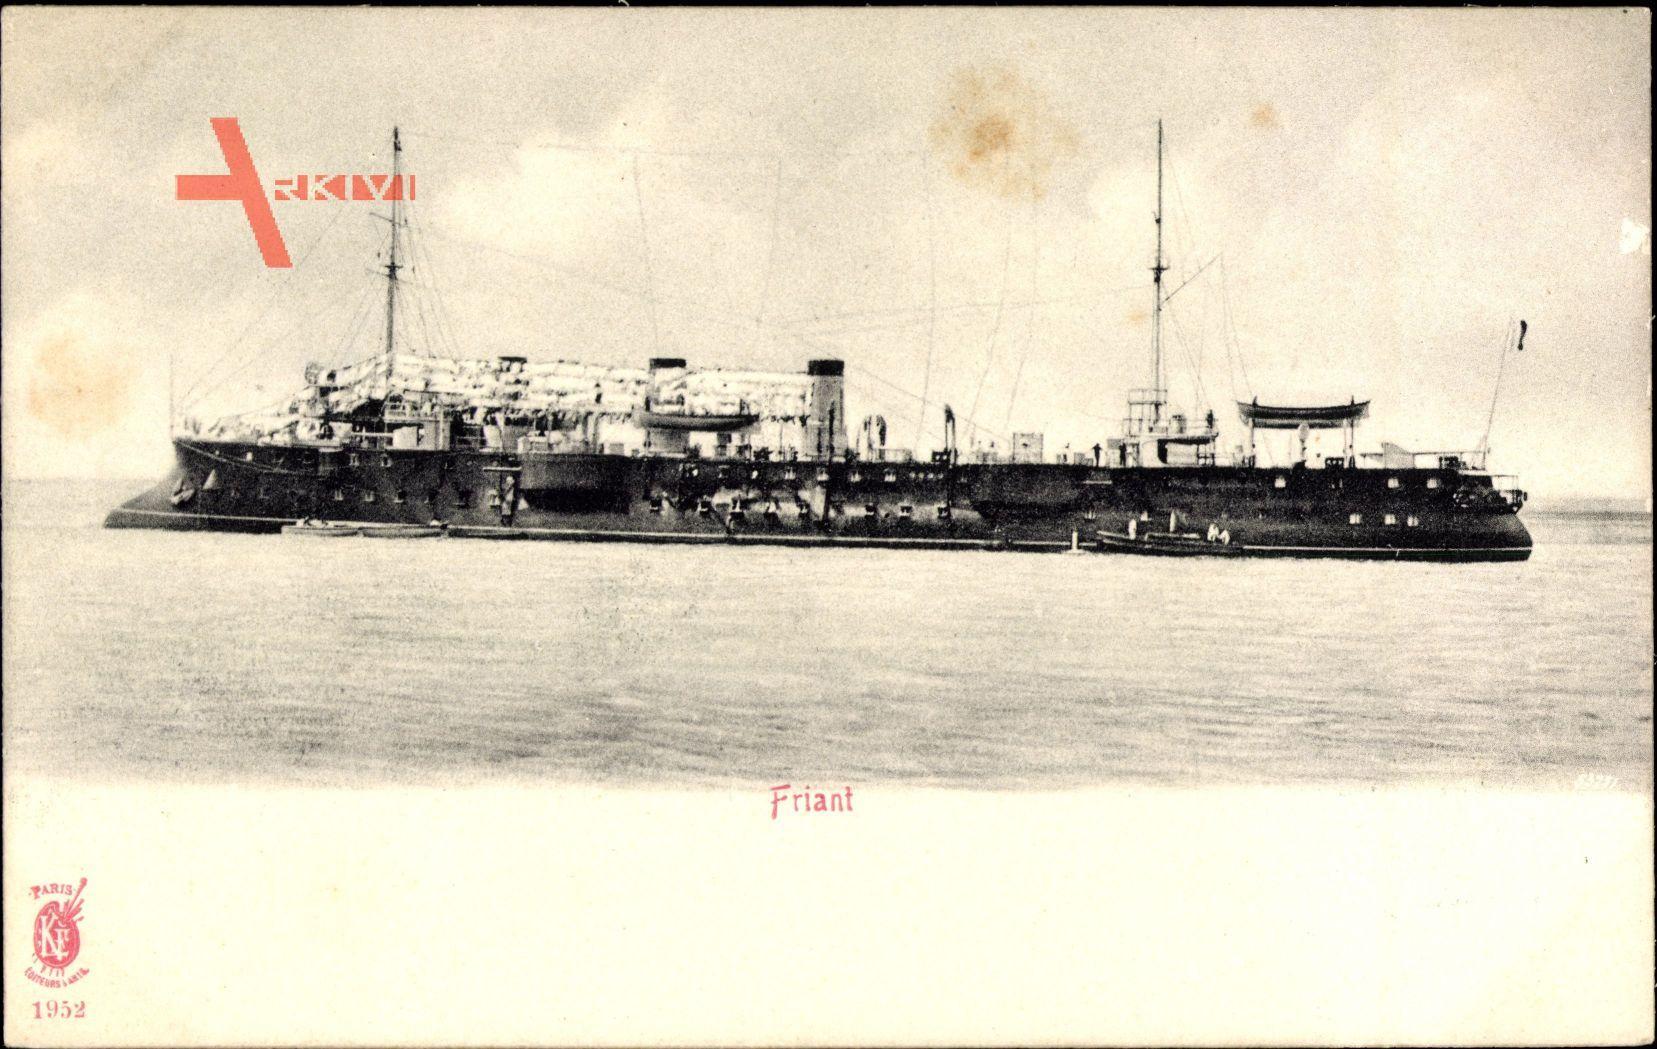 Französisches Kriegsschiff, Friant, Marine Militaire Francaise